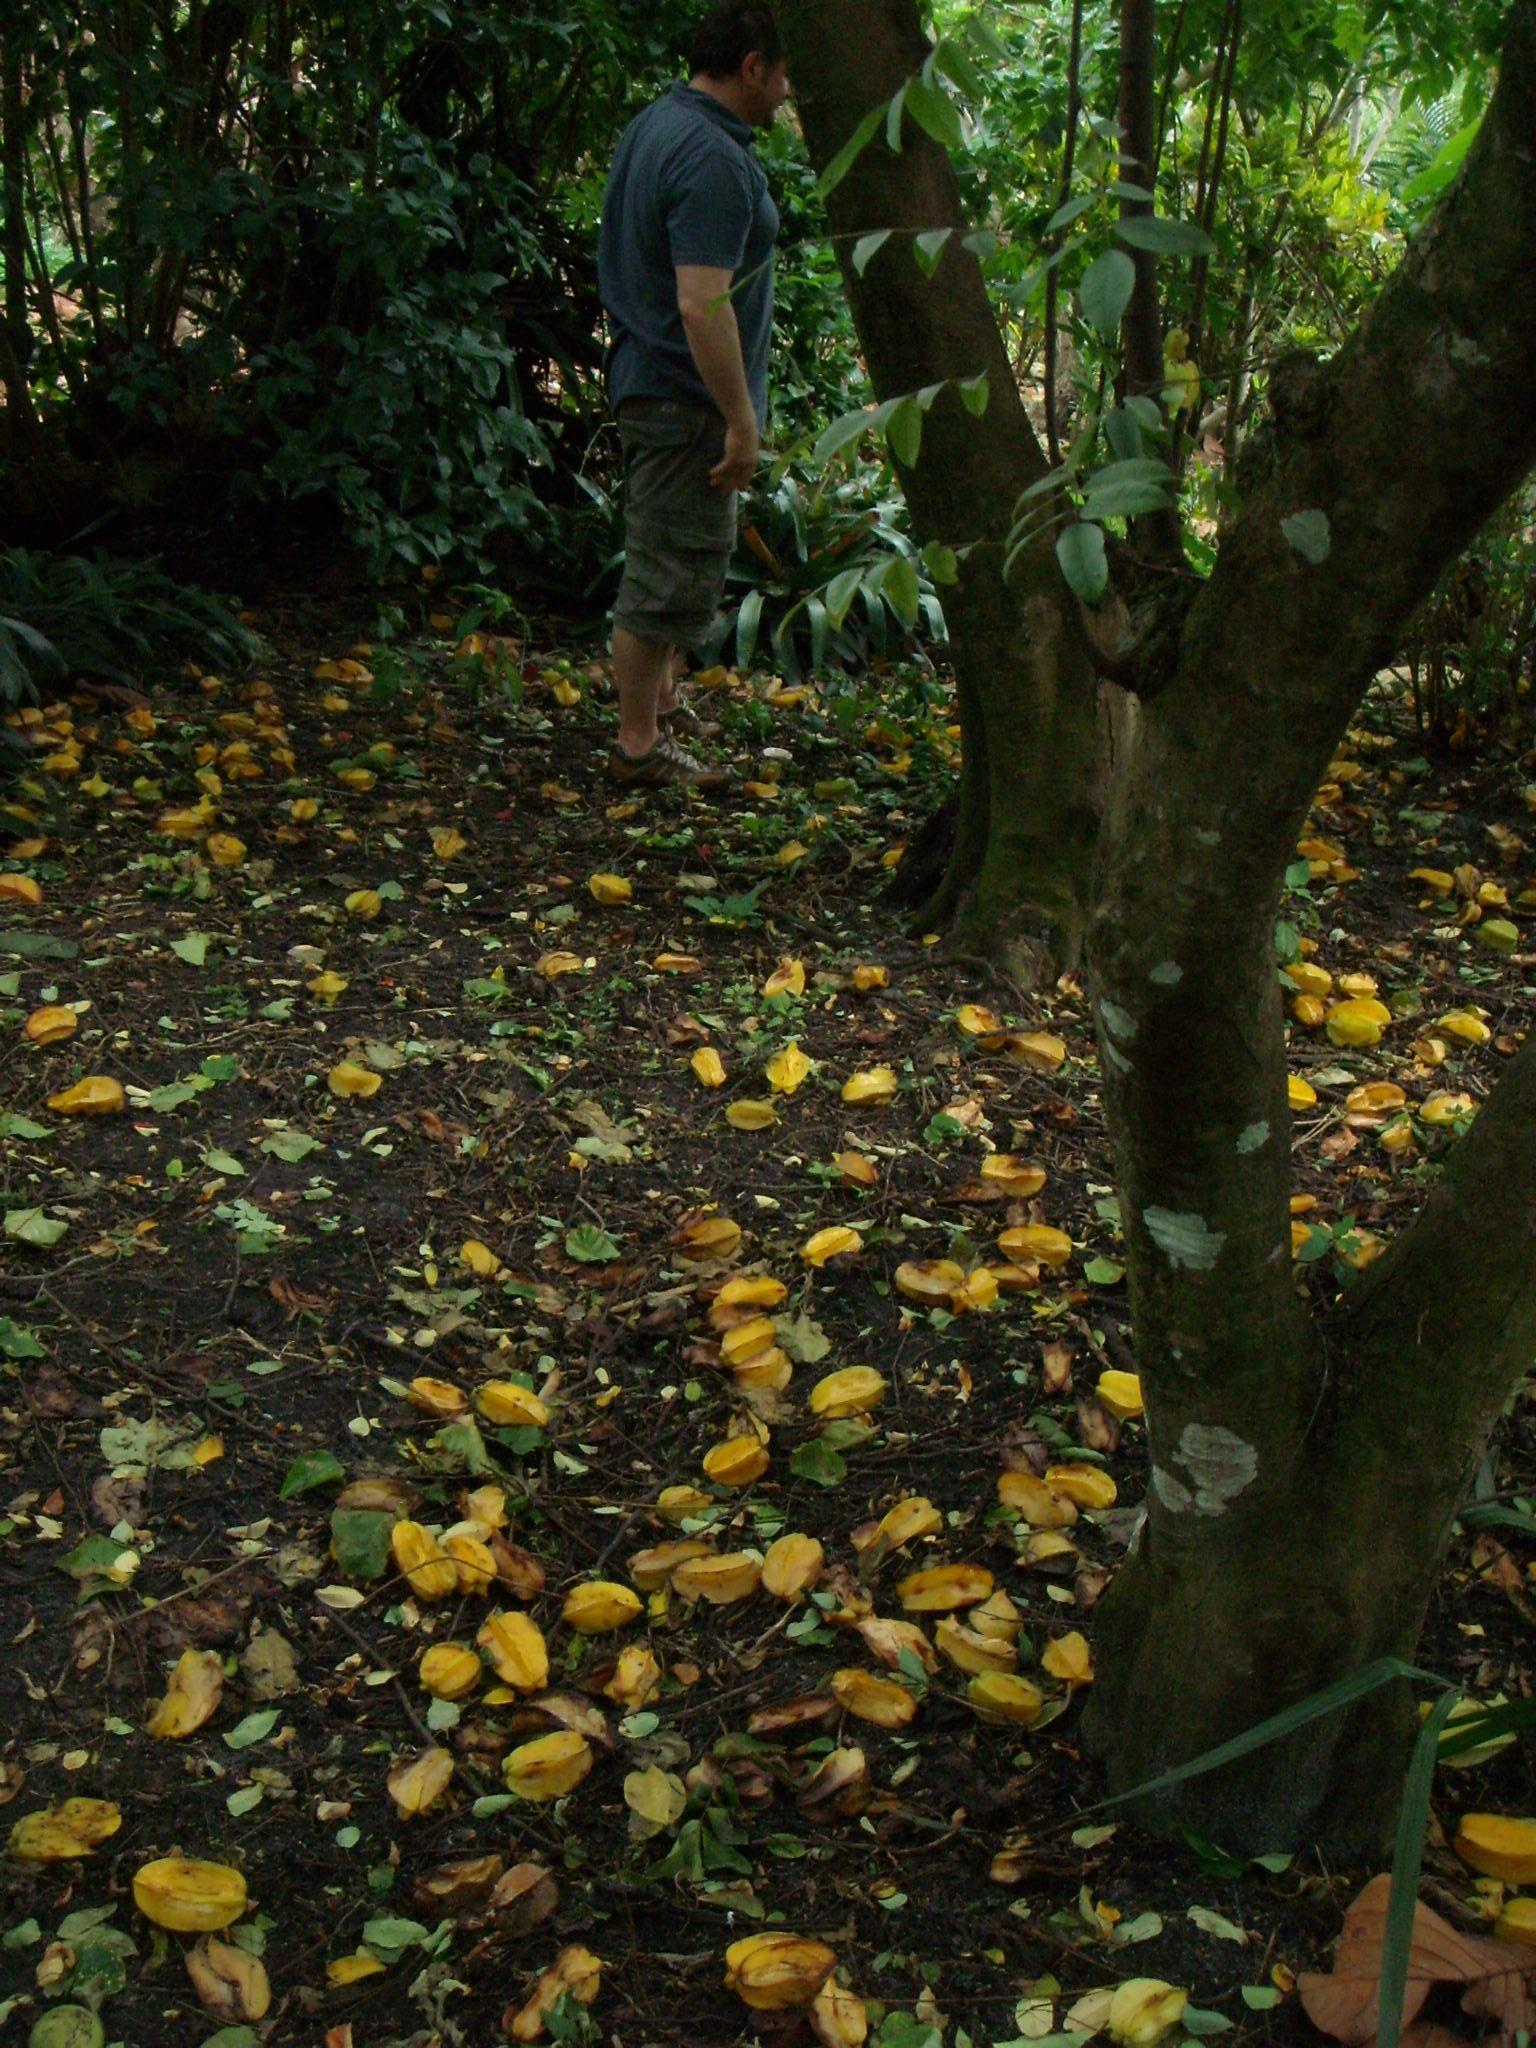 Star Fruit Tree, Mounts Botanical Garden | Serenity Spell